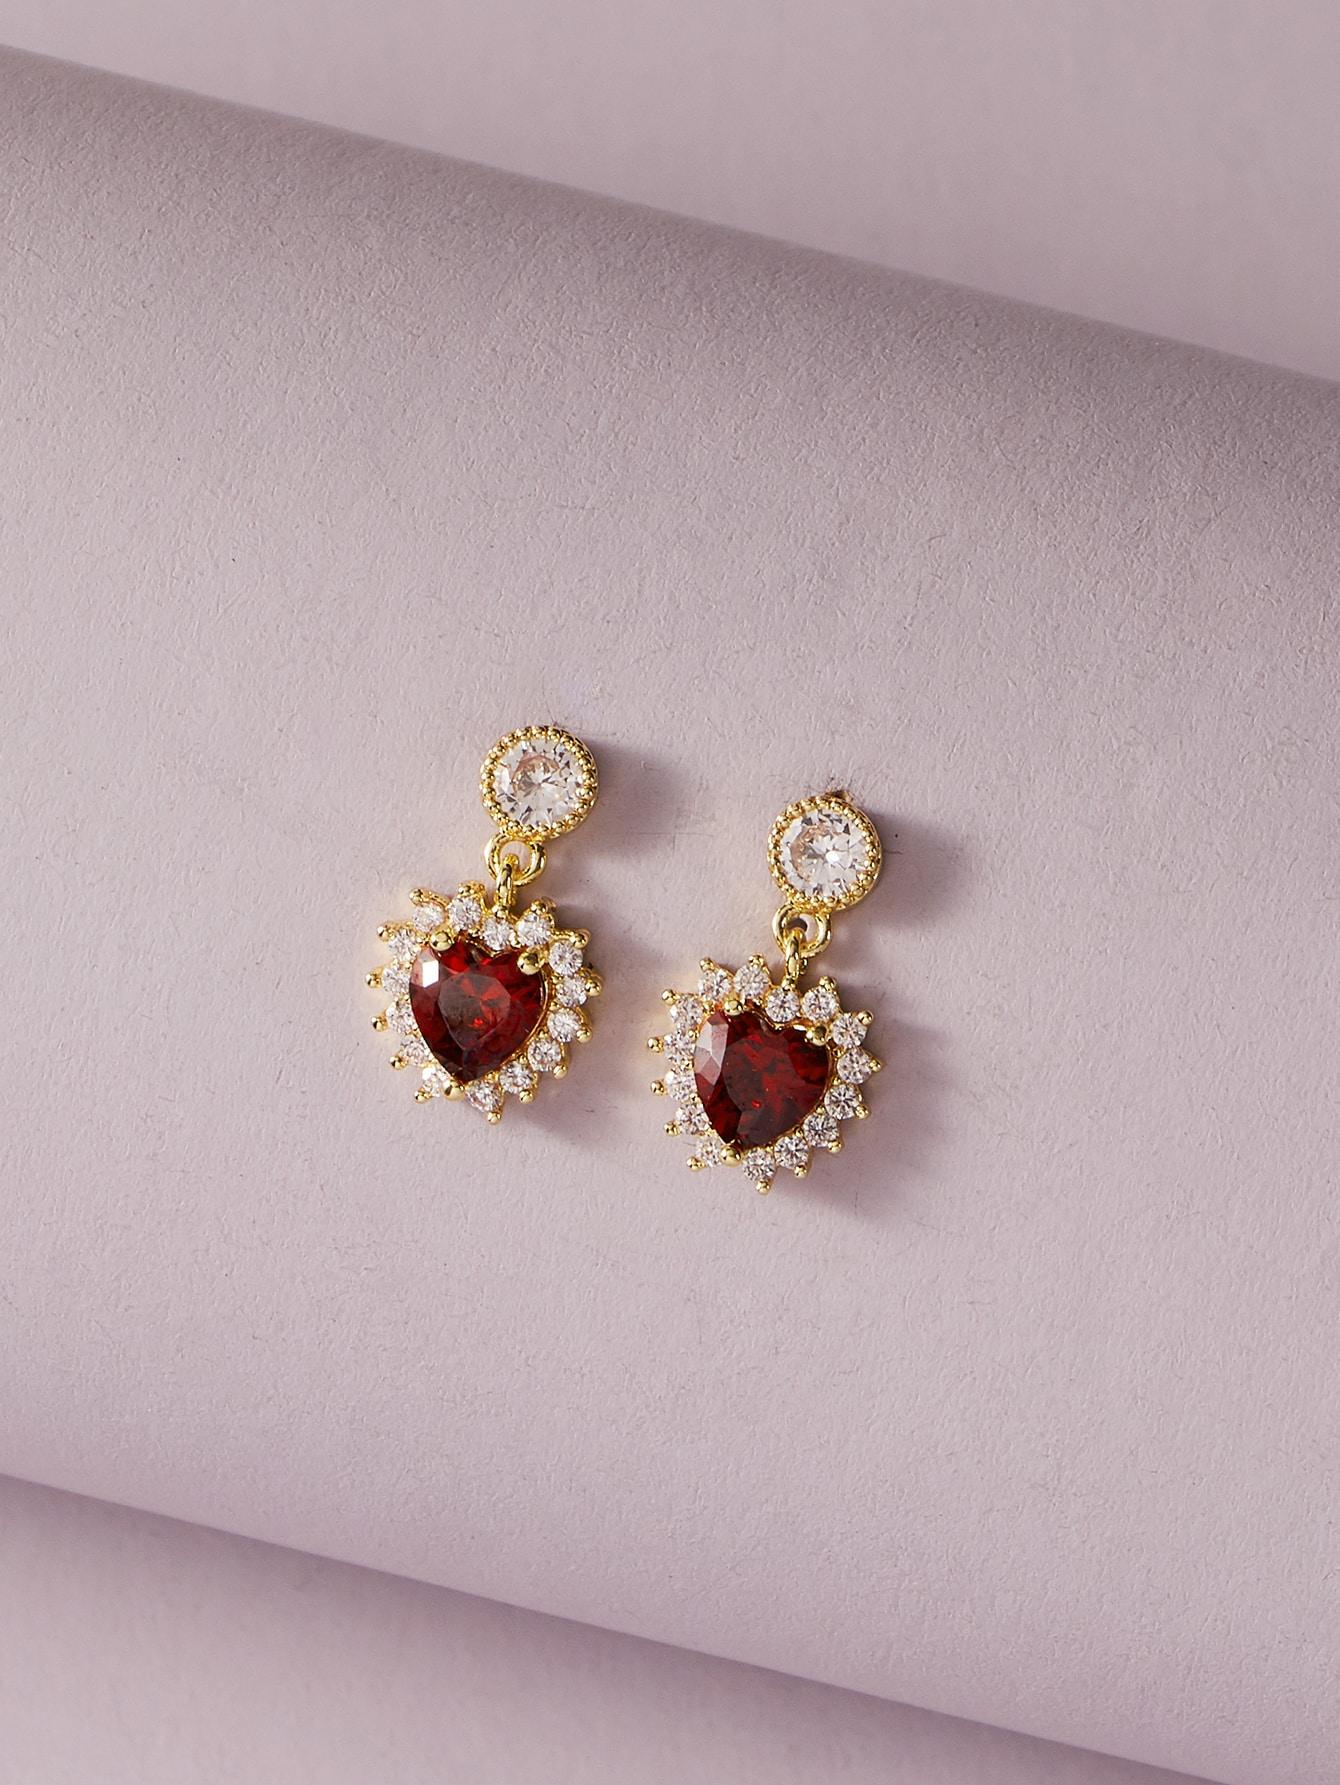 1pair Gemstone Decor Heart Drop Earrings thumbnail